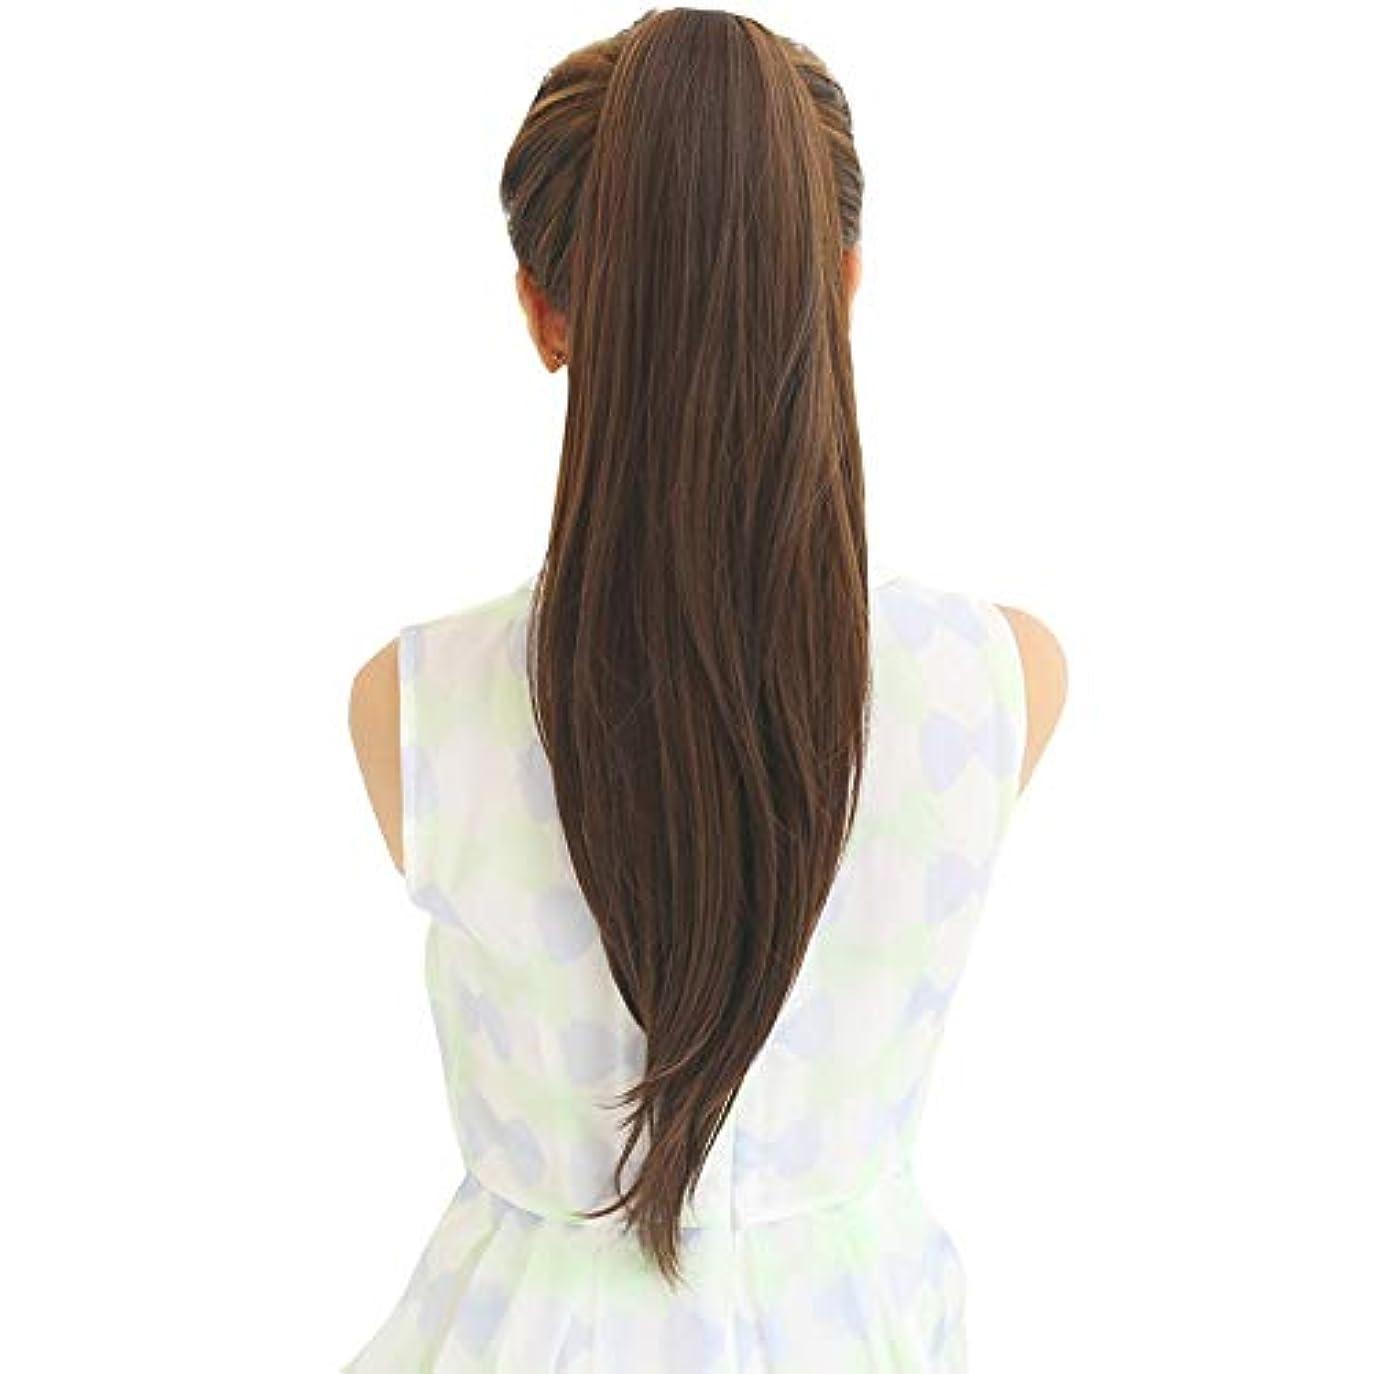 件名クリスマス酸化するSRY-Wigファッション ウィッグポニーテール女性ロングストレートヘアバンドリアルヘアロングヘアインビジブルナチュラルスコーピオン完全な人間の髪の毛